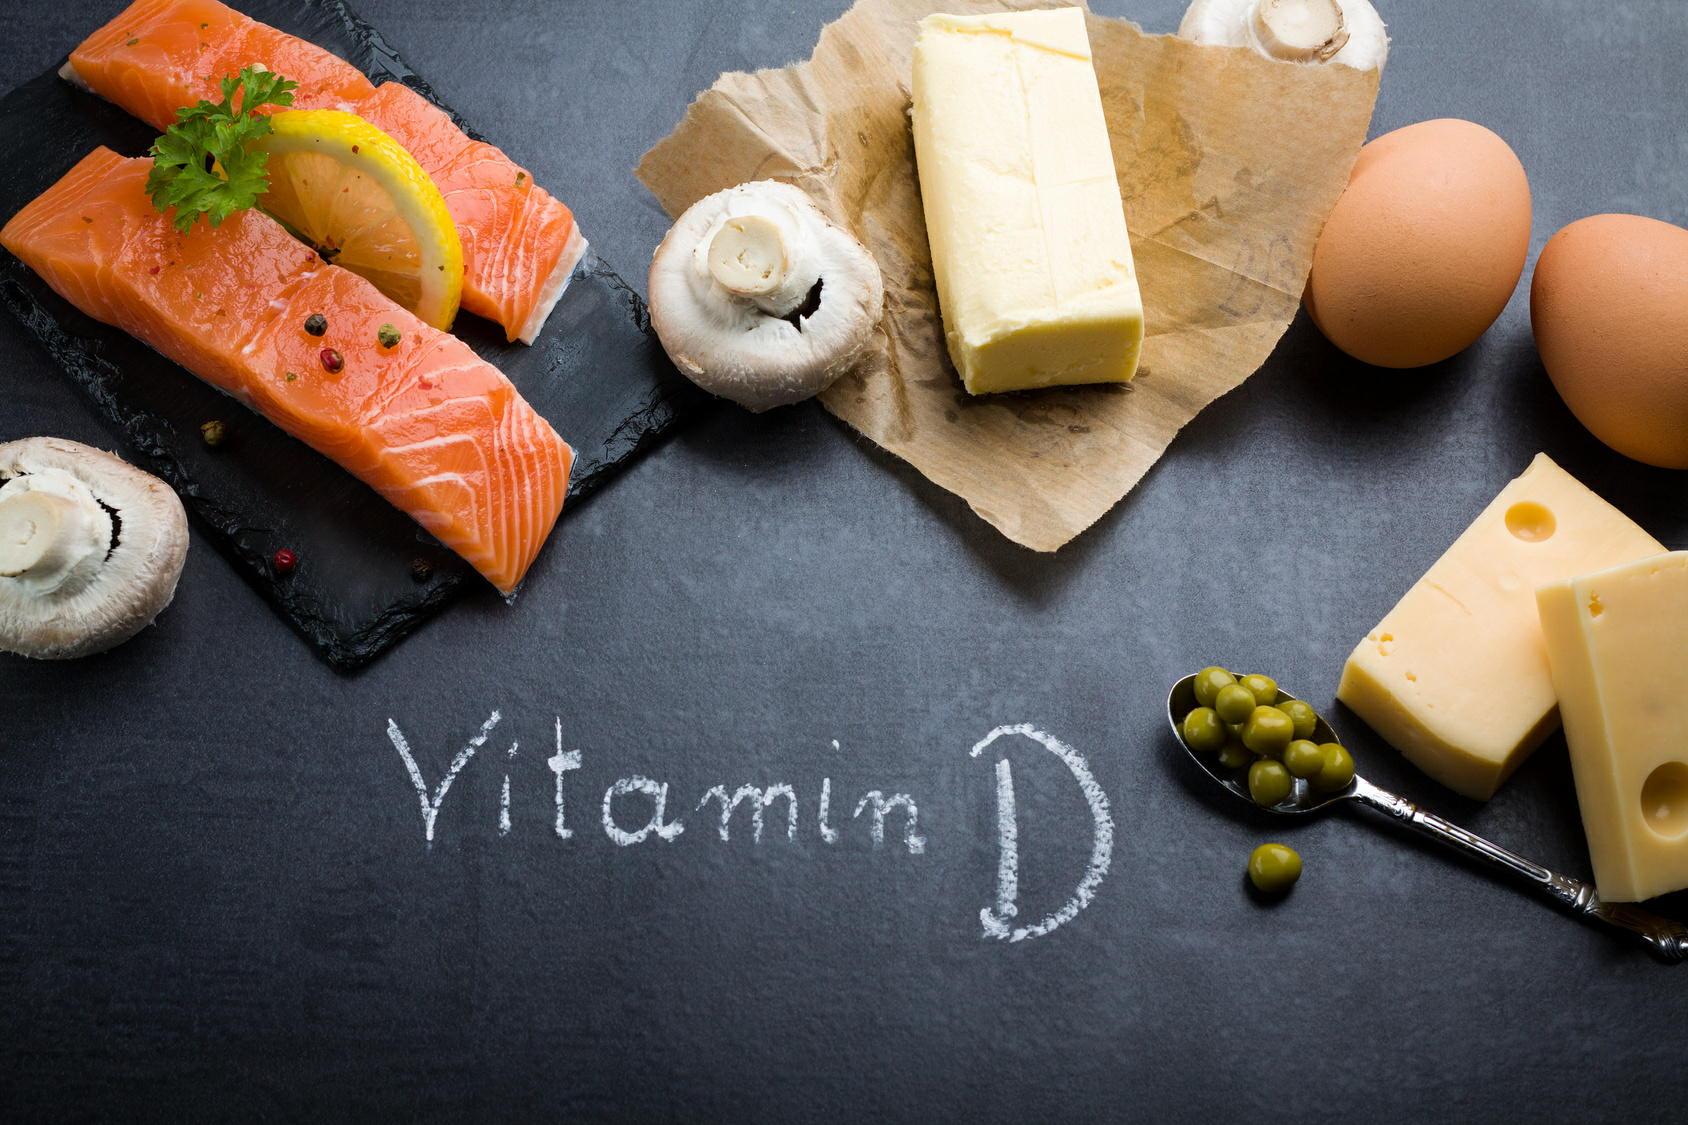 血中のビタミンD濃度が高いとがんリスク低下 日本人3万4000人を調査